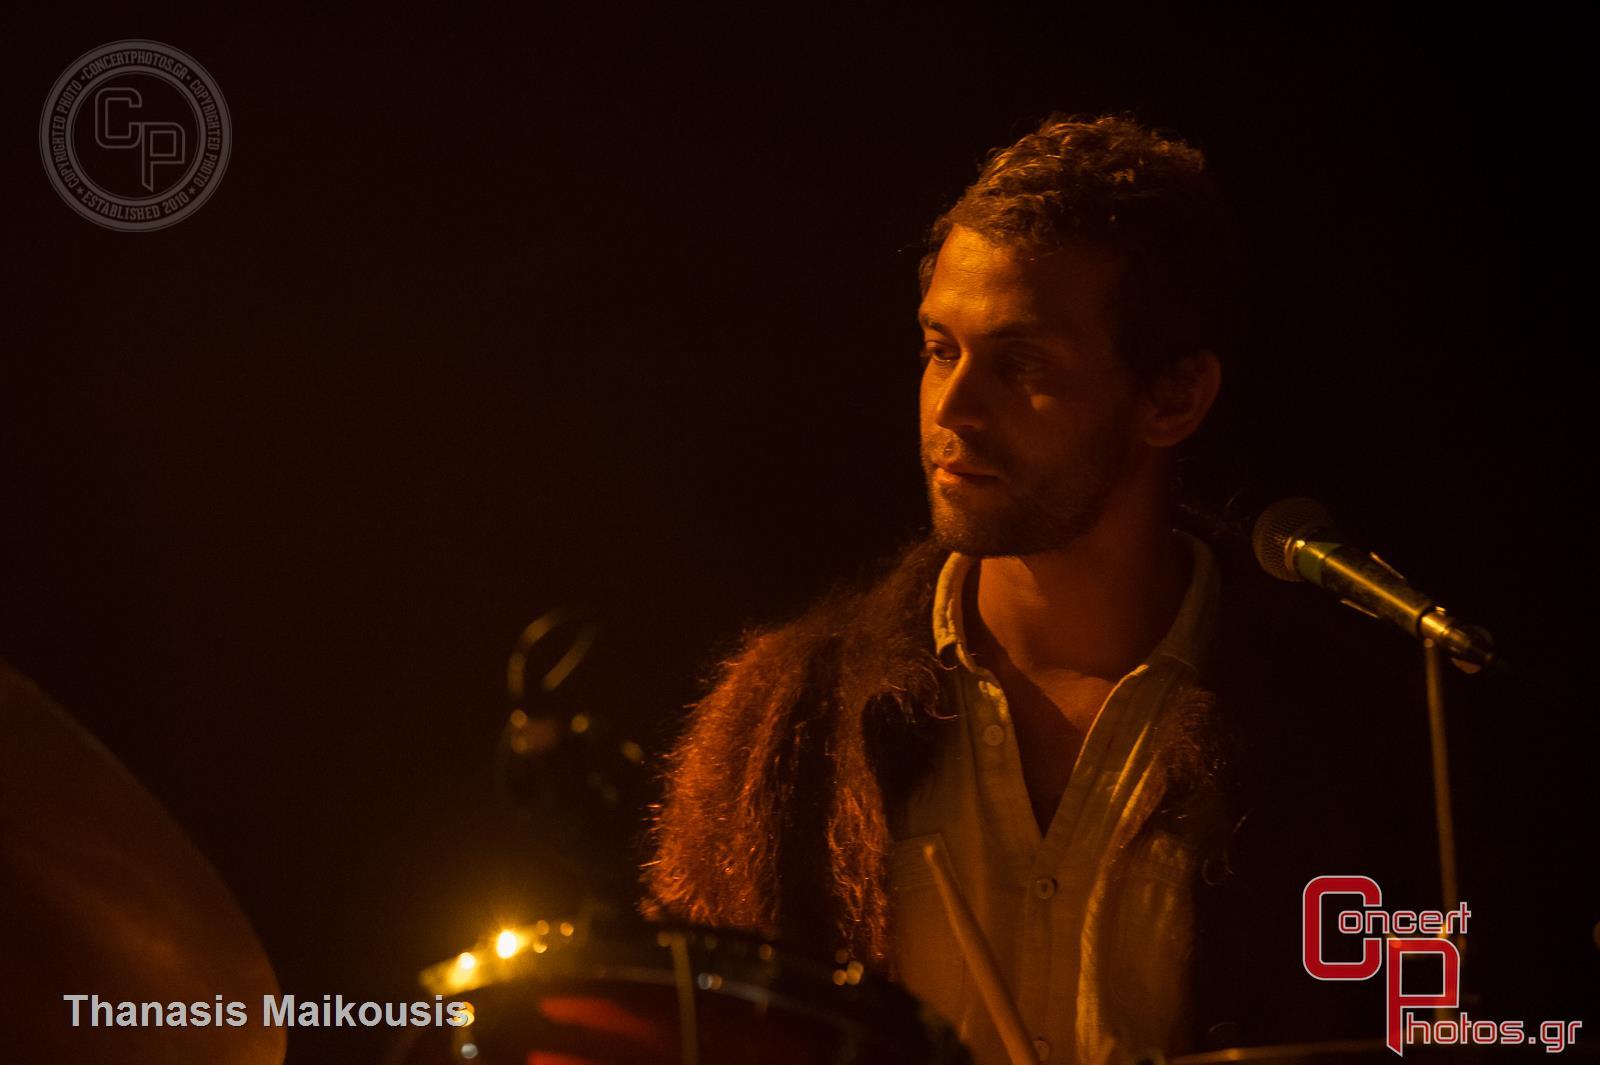 Allah Las & My Drunken Haze -Allah Las My Drunken Haze  photographer: Thanasis Maikousis - ConcertPhotos - 20141102_0025_07